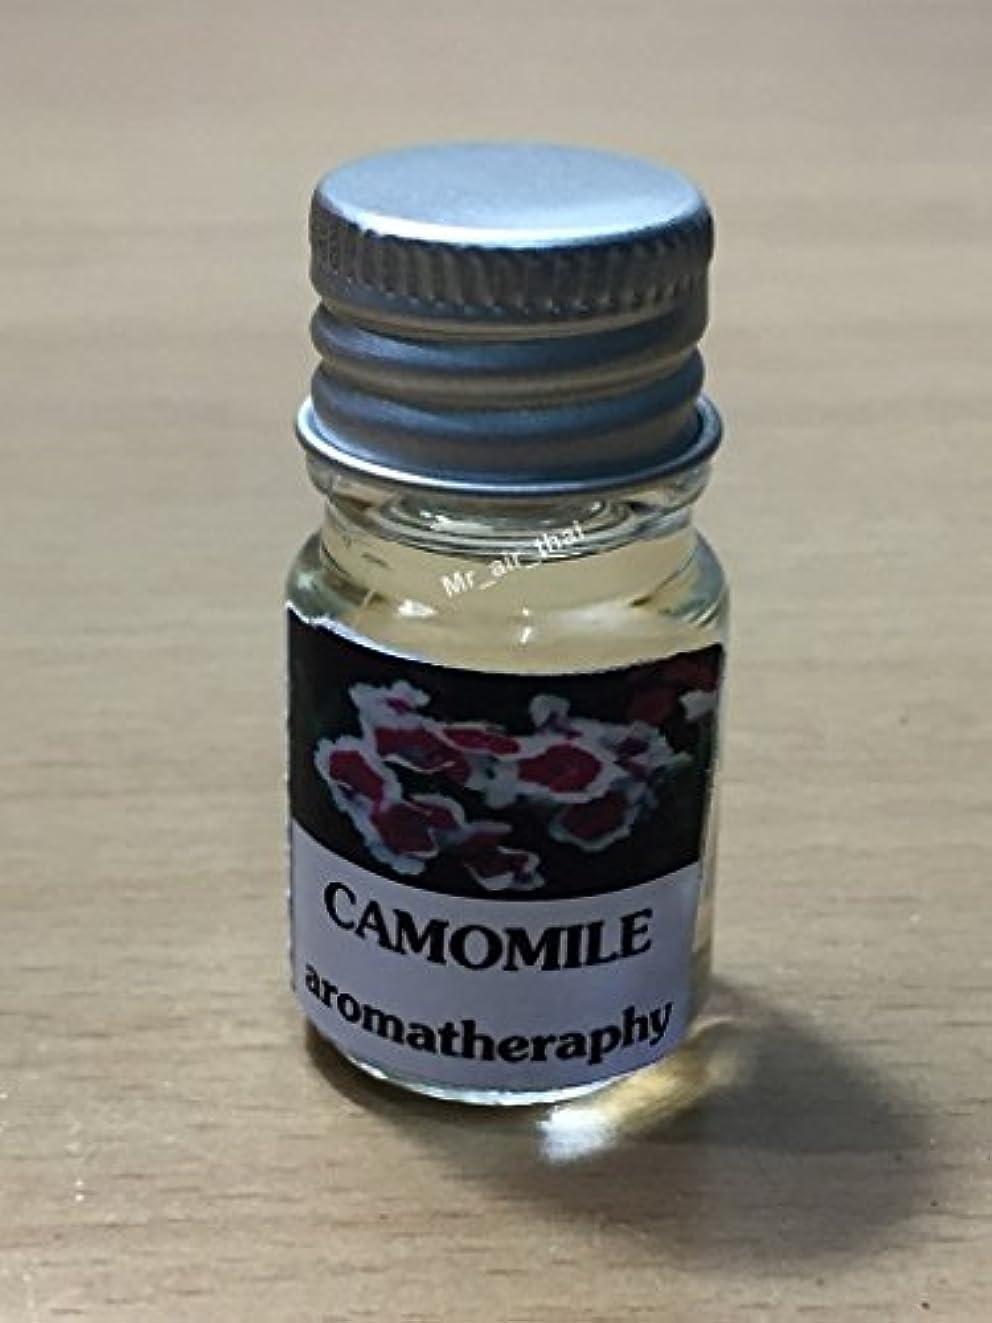 読者取る復活させる5ミリリットルアロマカモミールフランクインセンスエッセンシャルオイルボトルアロマテラピーオイル自然自然5ml Aroma Camomile Frankincense Essential Oil Bottles Aromatherapy...